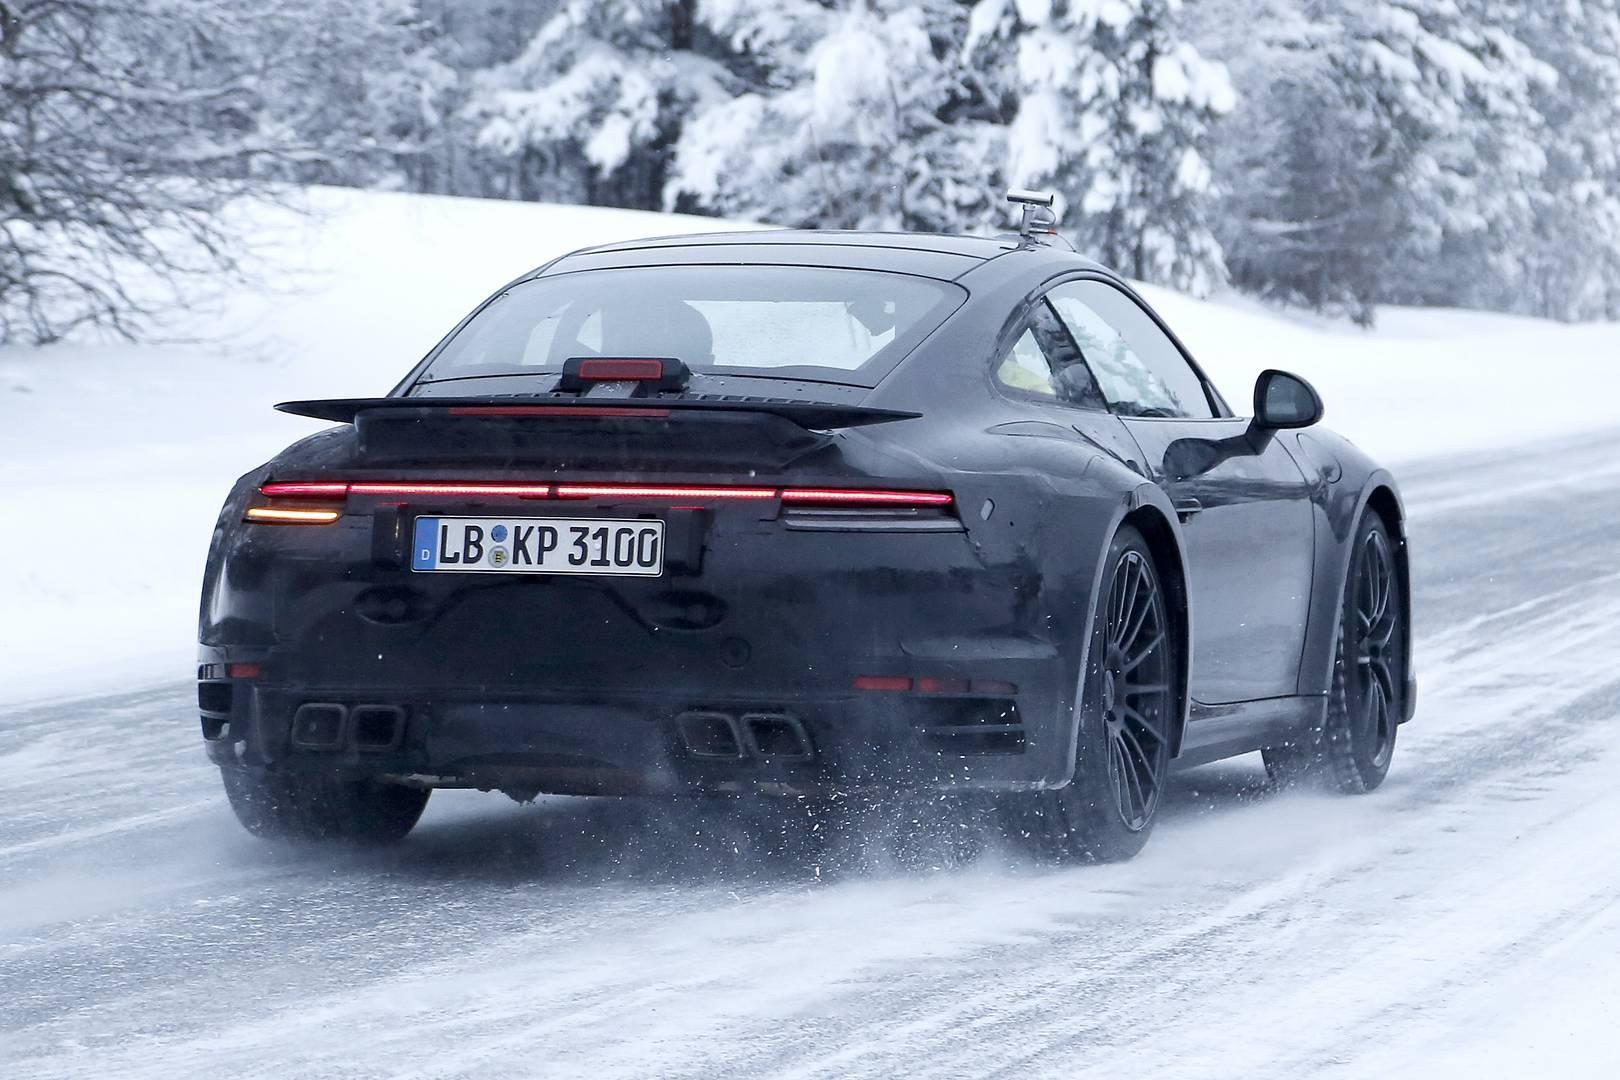 2019 Porsche 911 Turbo S >> 2020 Porsche 911 Turbo Spy Shots - Type 992 Gen - GTspirit